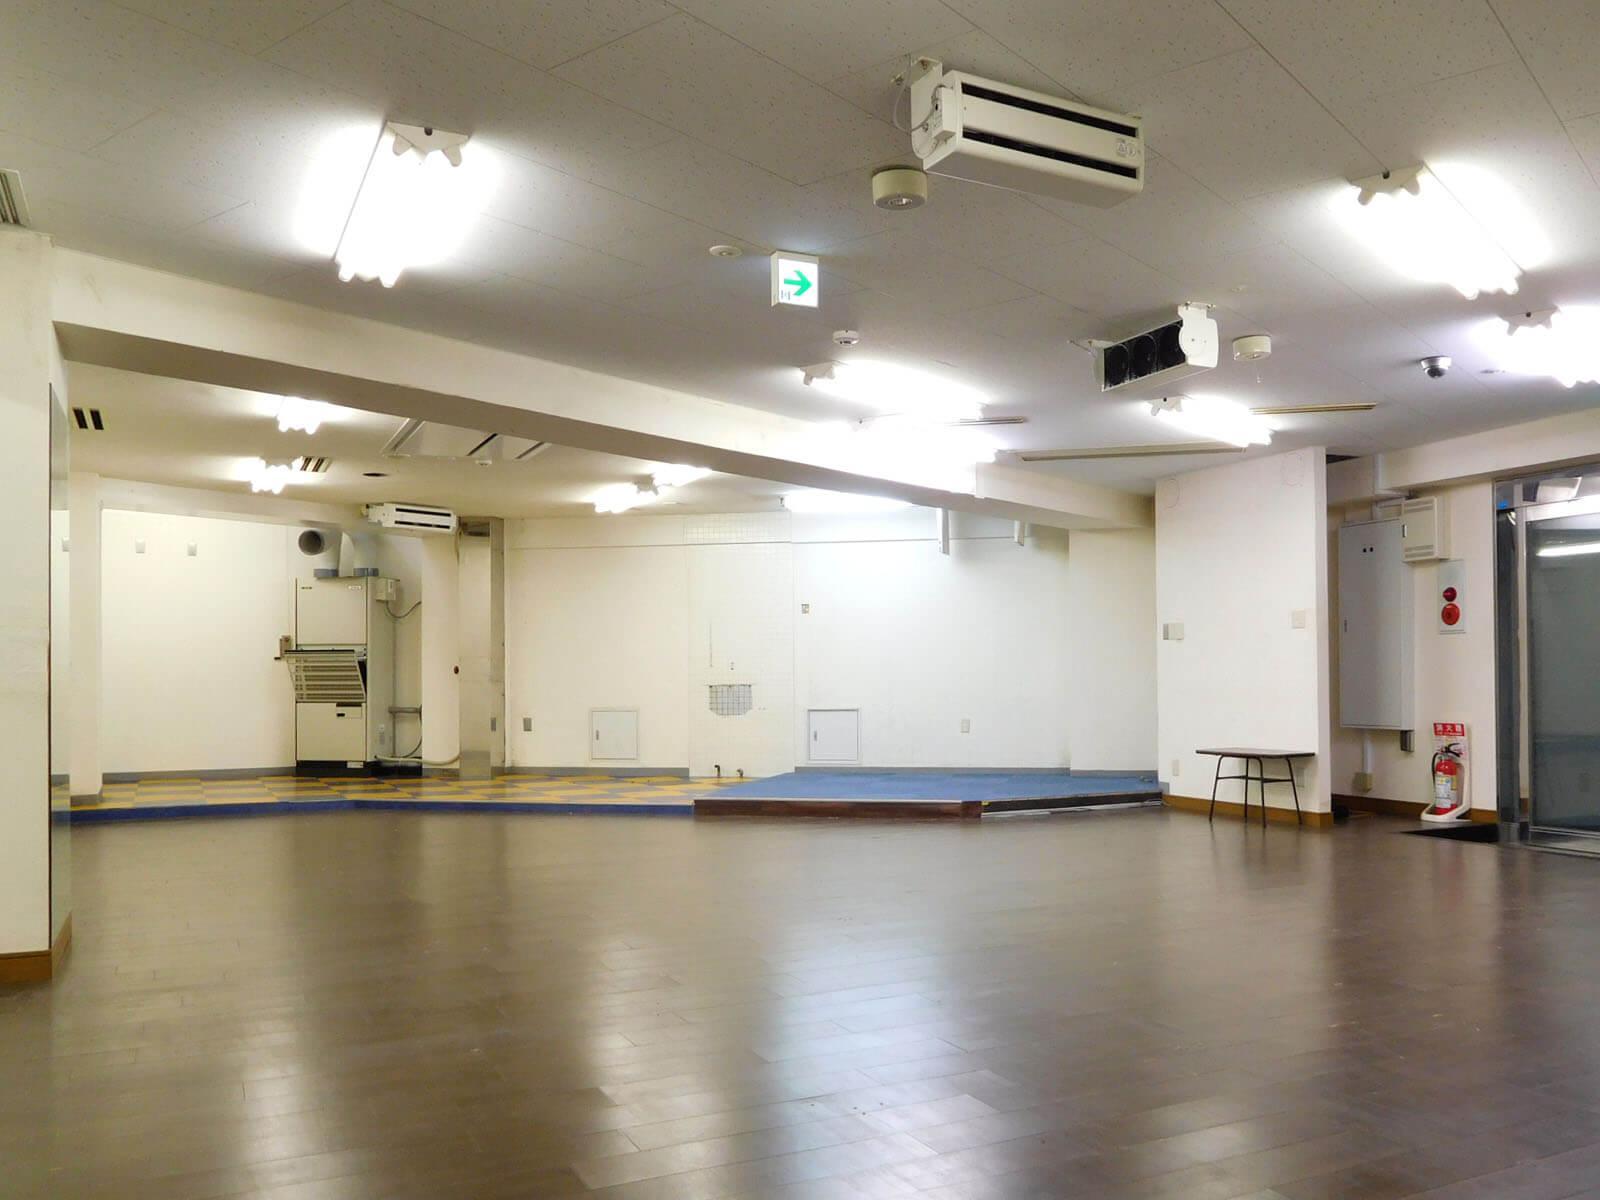 天井は低めなので、解体して少し高さを出します。